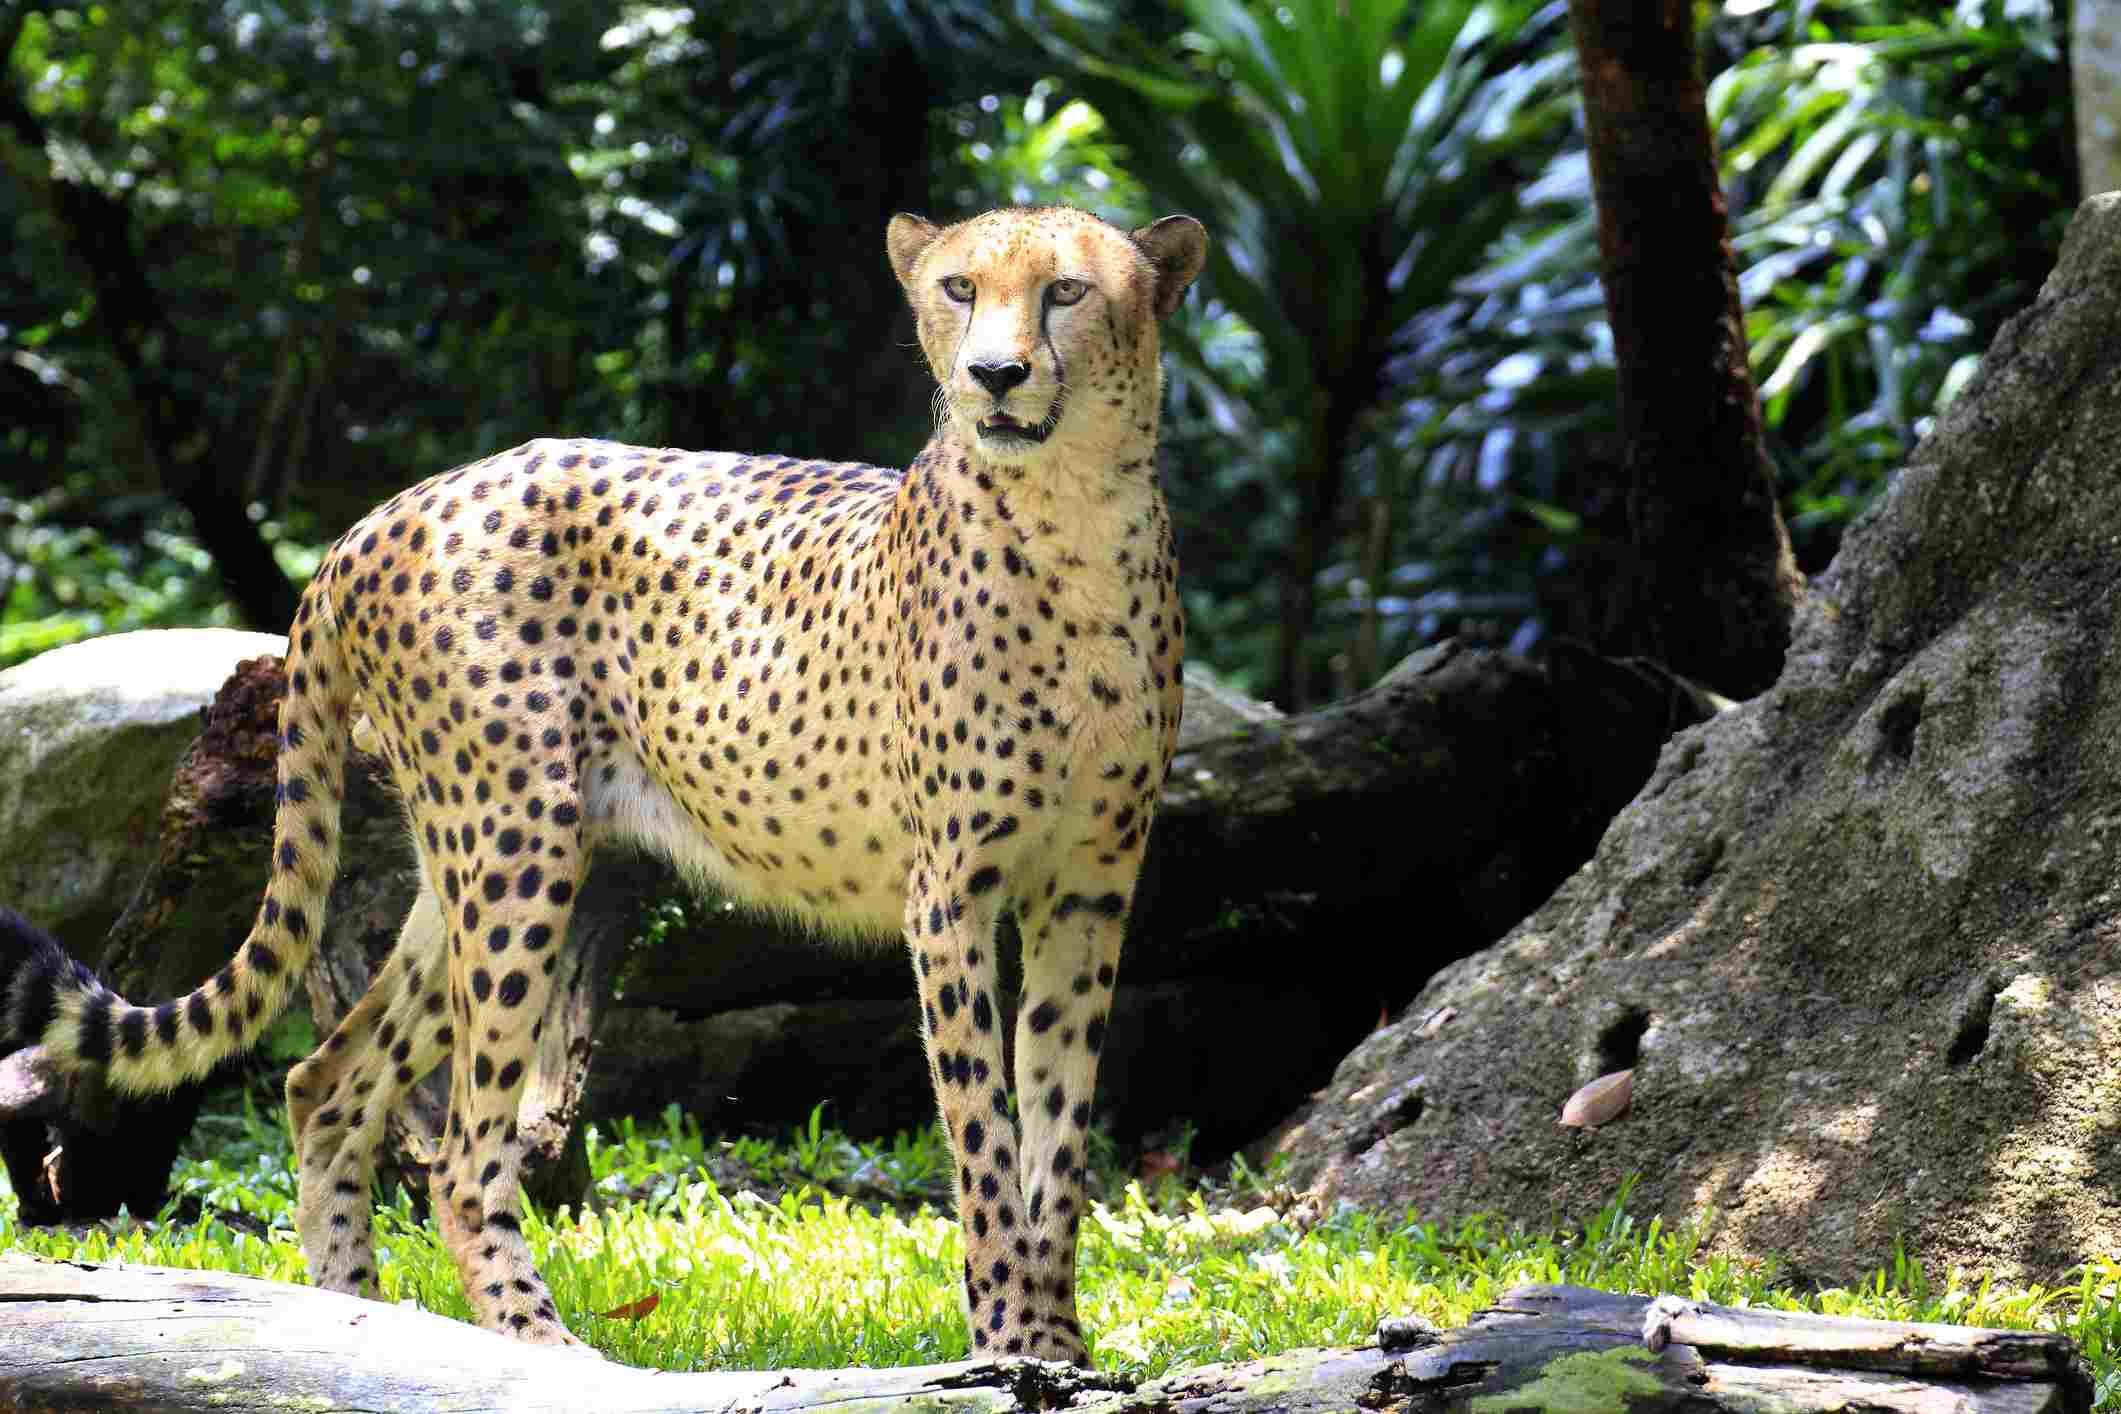 A cheetah has an aerodynamic, lean physique.